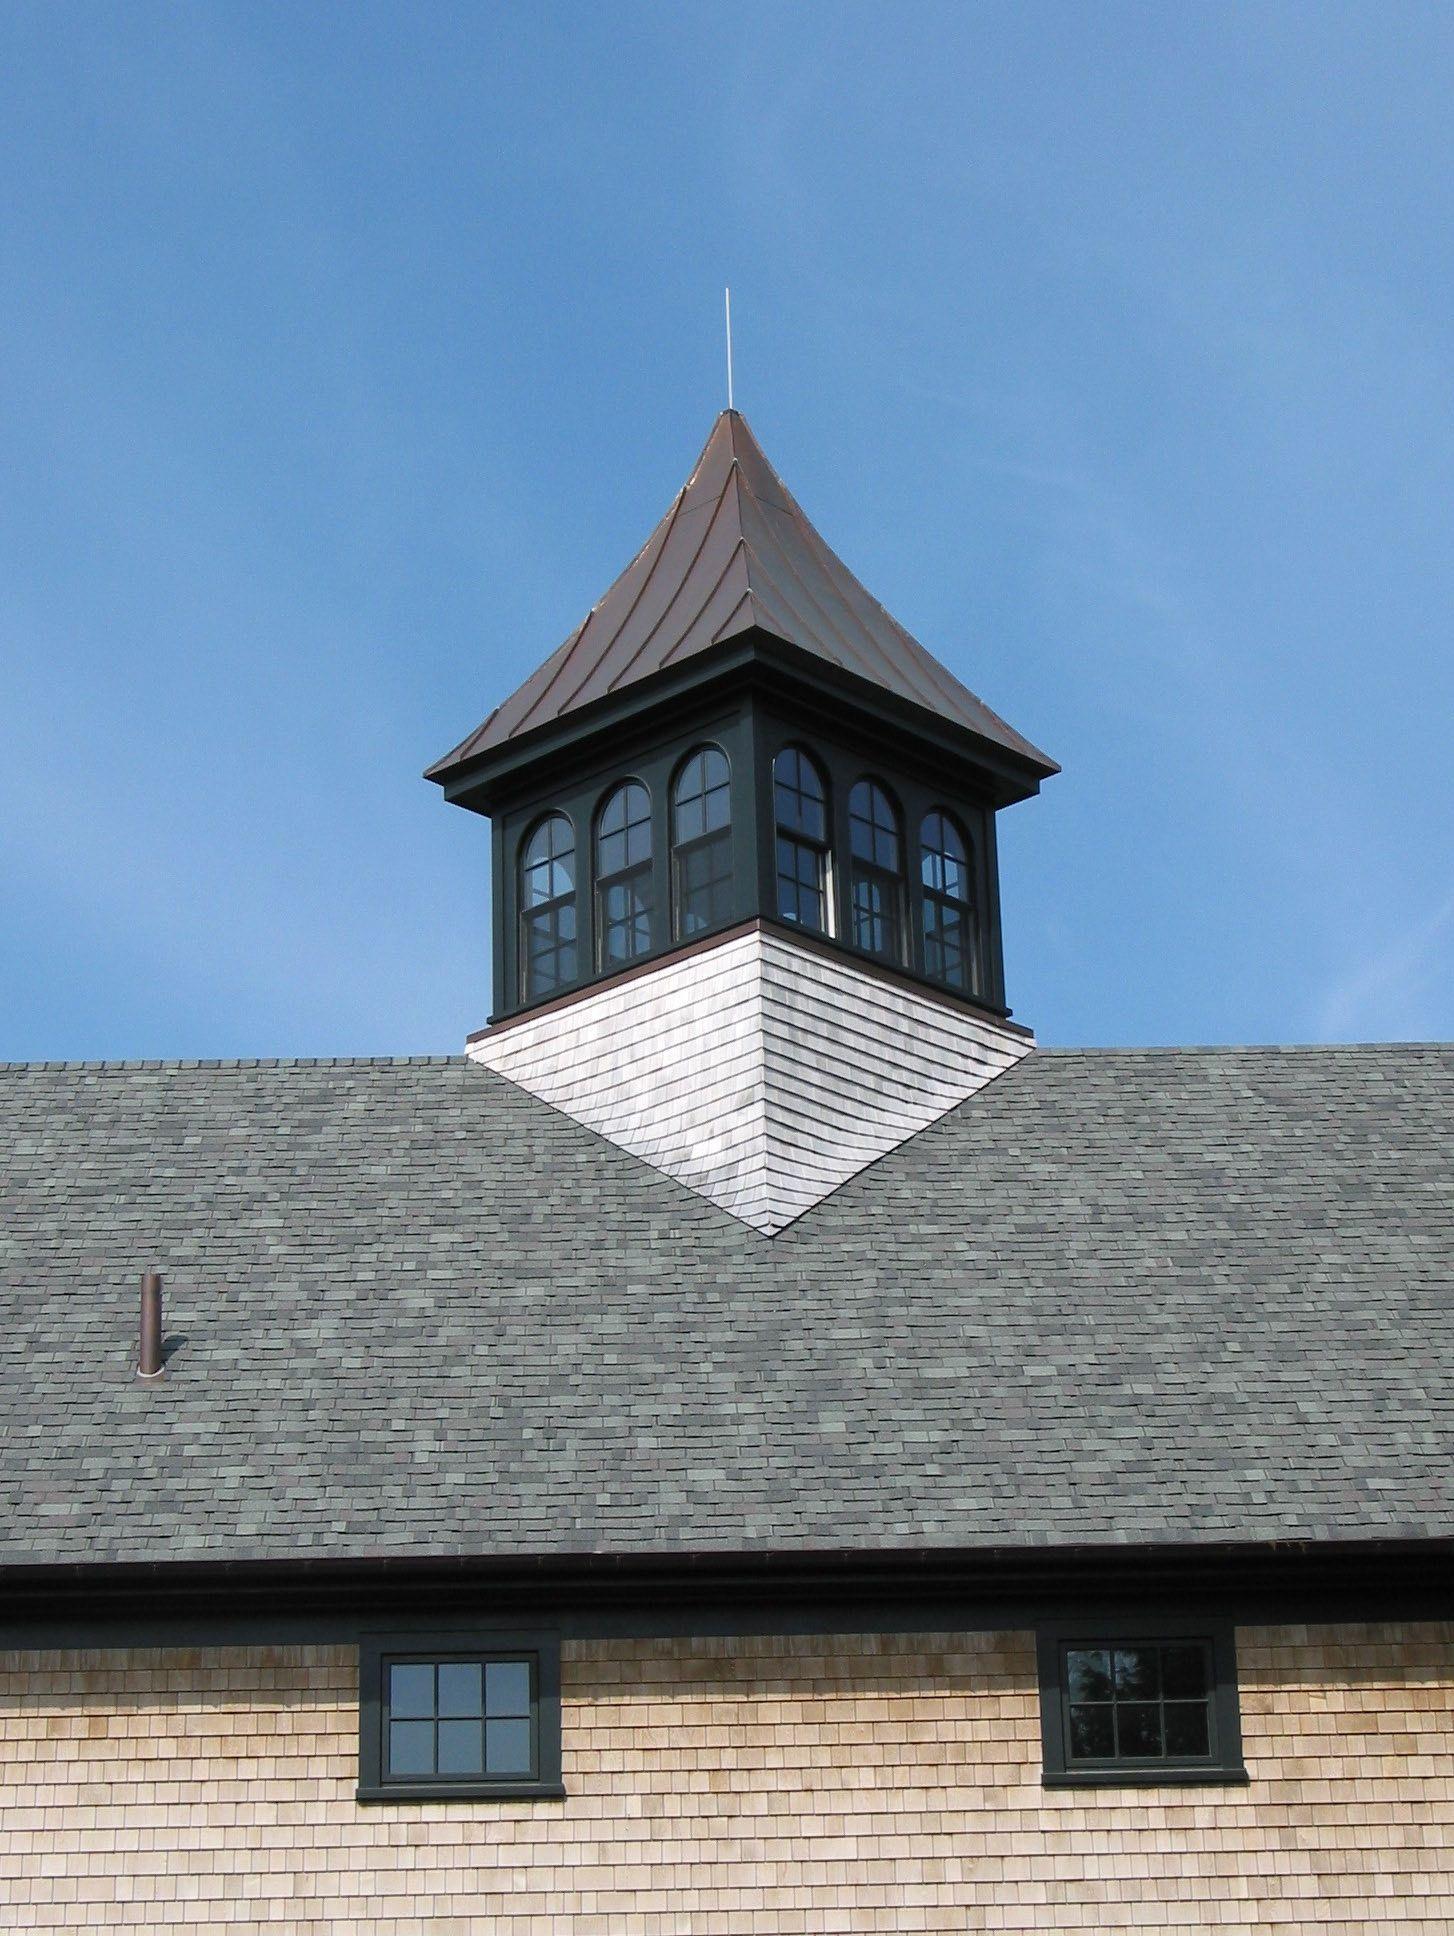 шоке того, фото дачного дома с башнями плоской крыши одной версий, считается